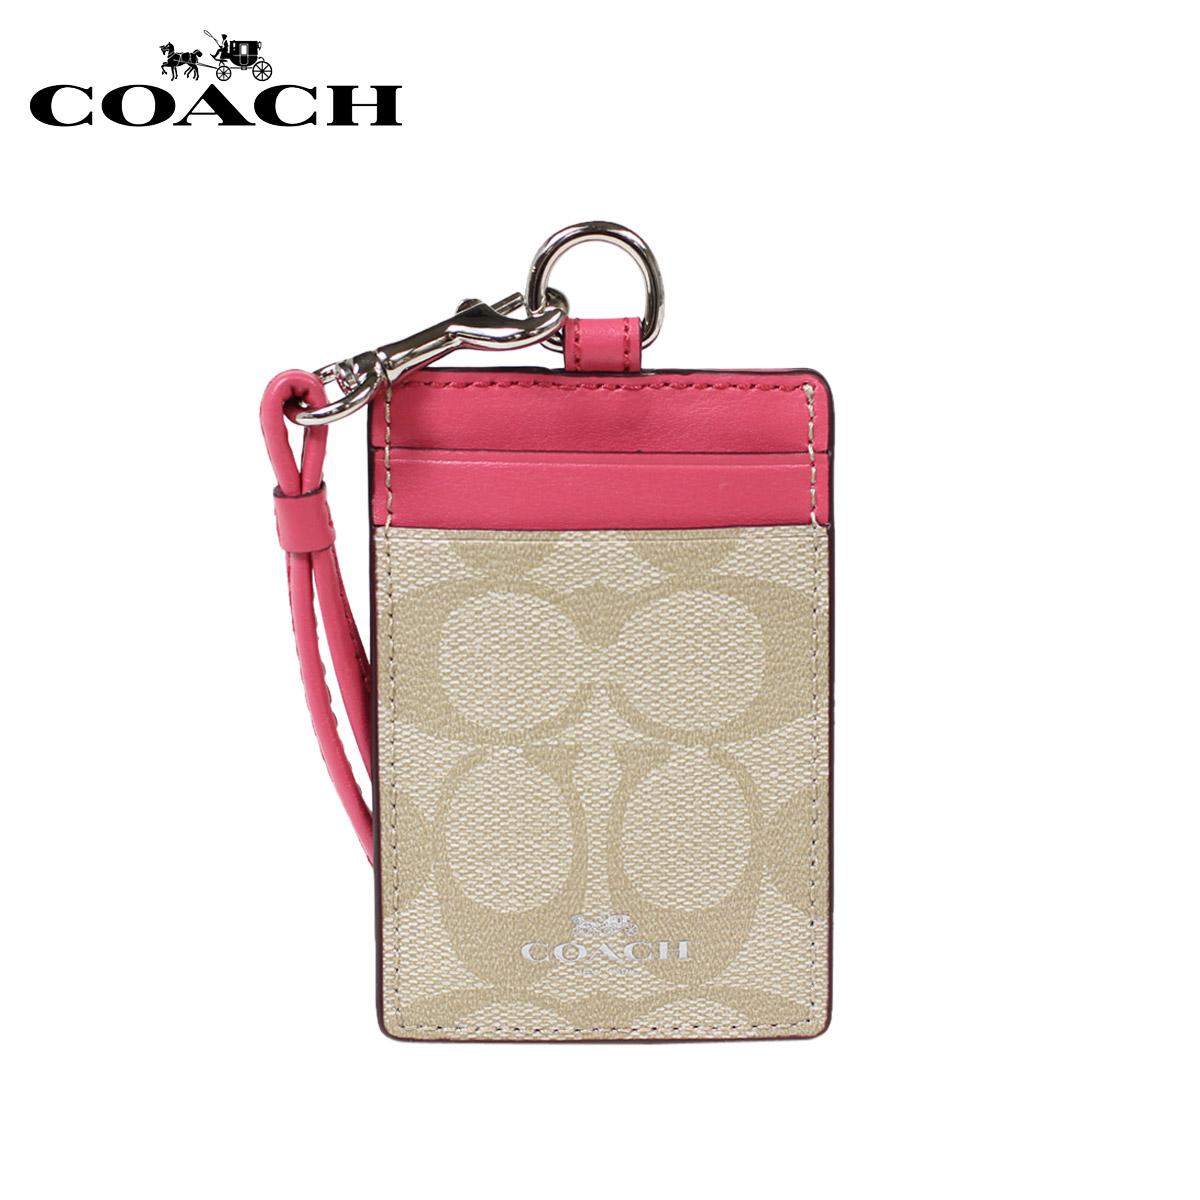 教練路徑情况COACH卡片匣月票夾F63274黄褐色×草莓女士[1/11新進貨]